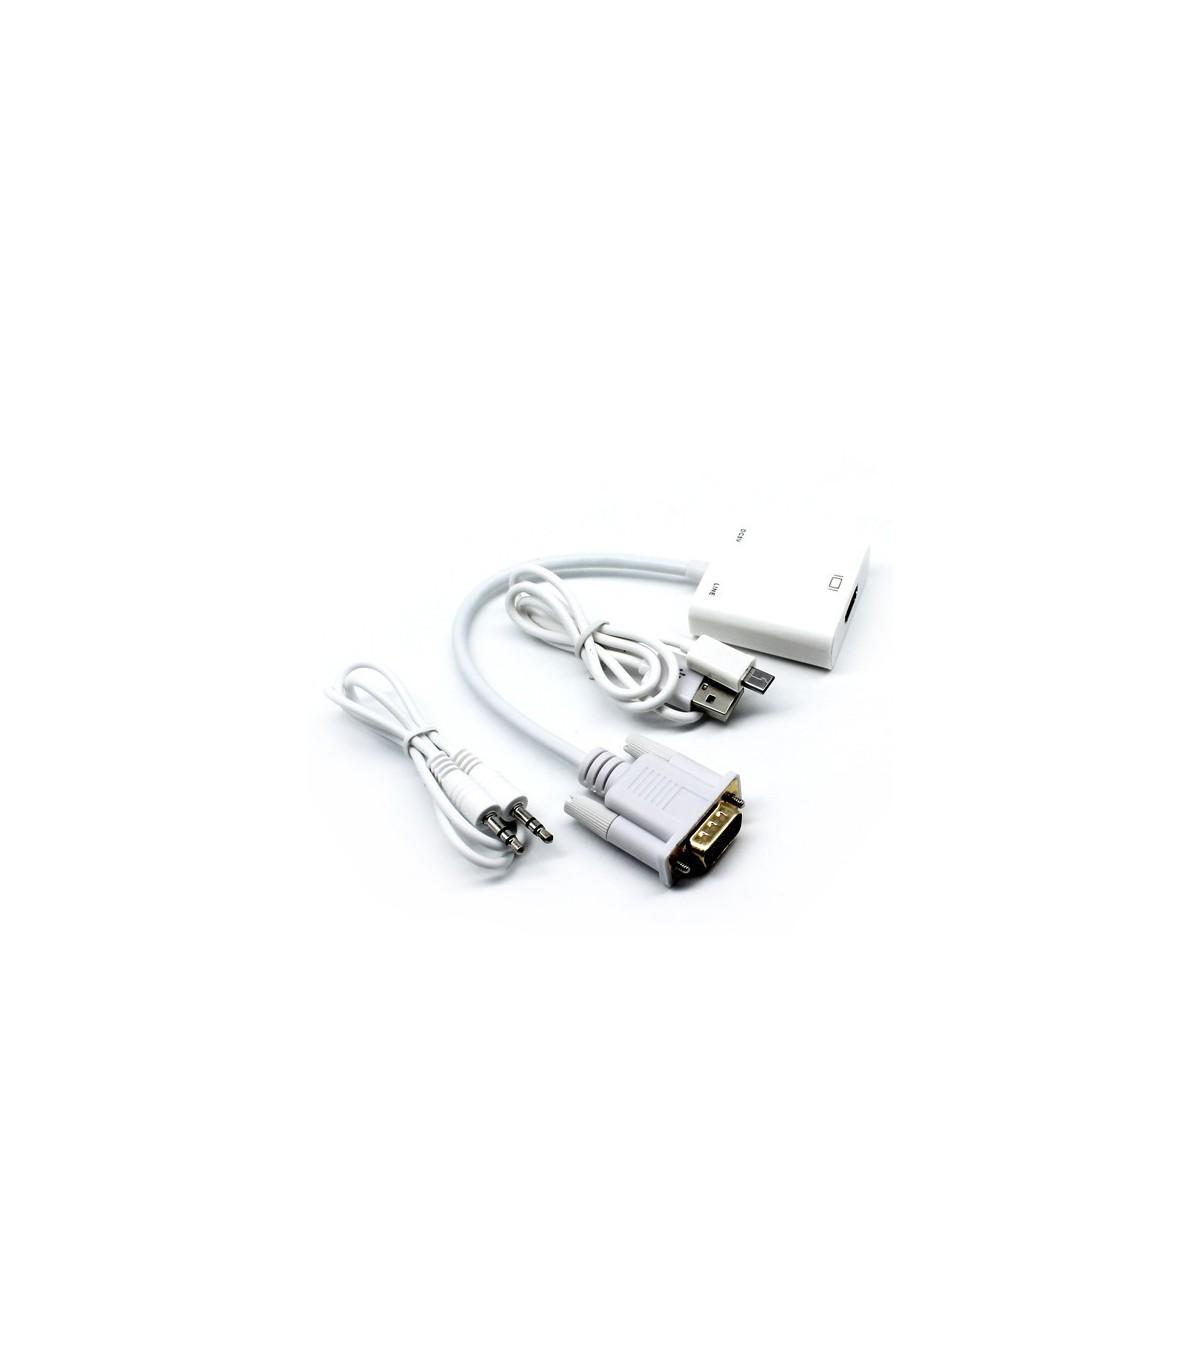 کابل تبدیل VGA به HDMI